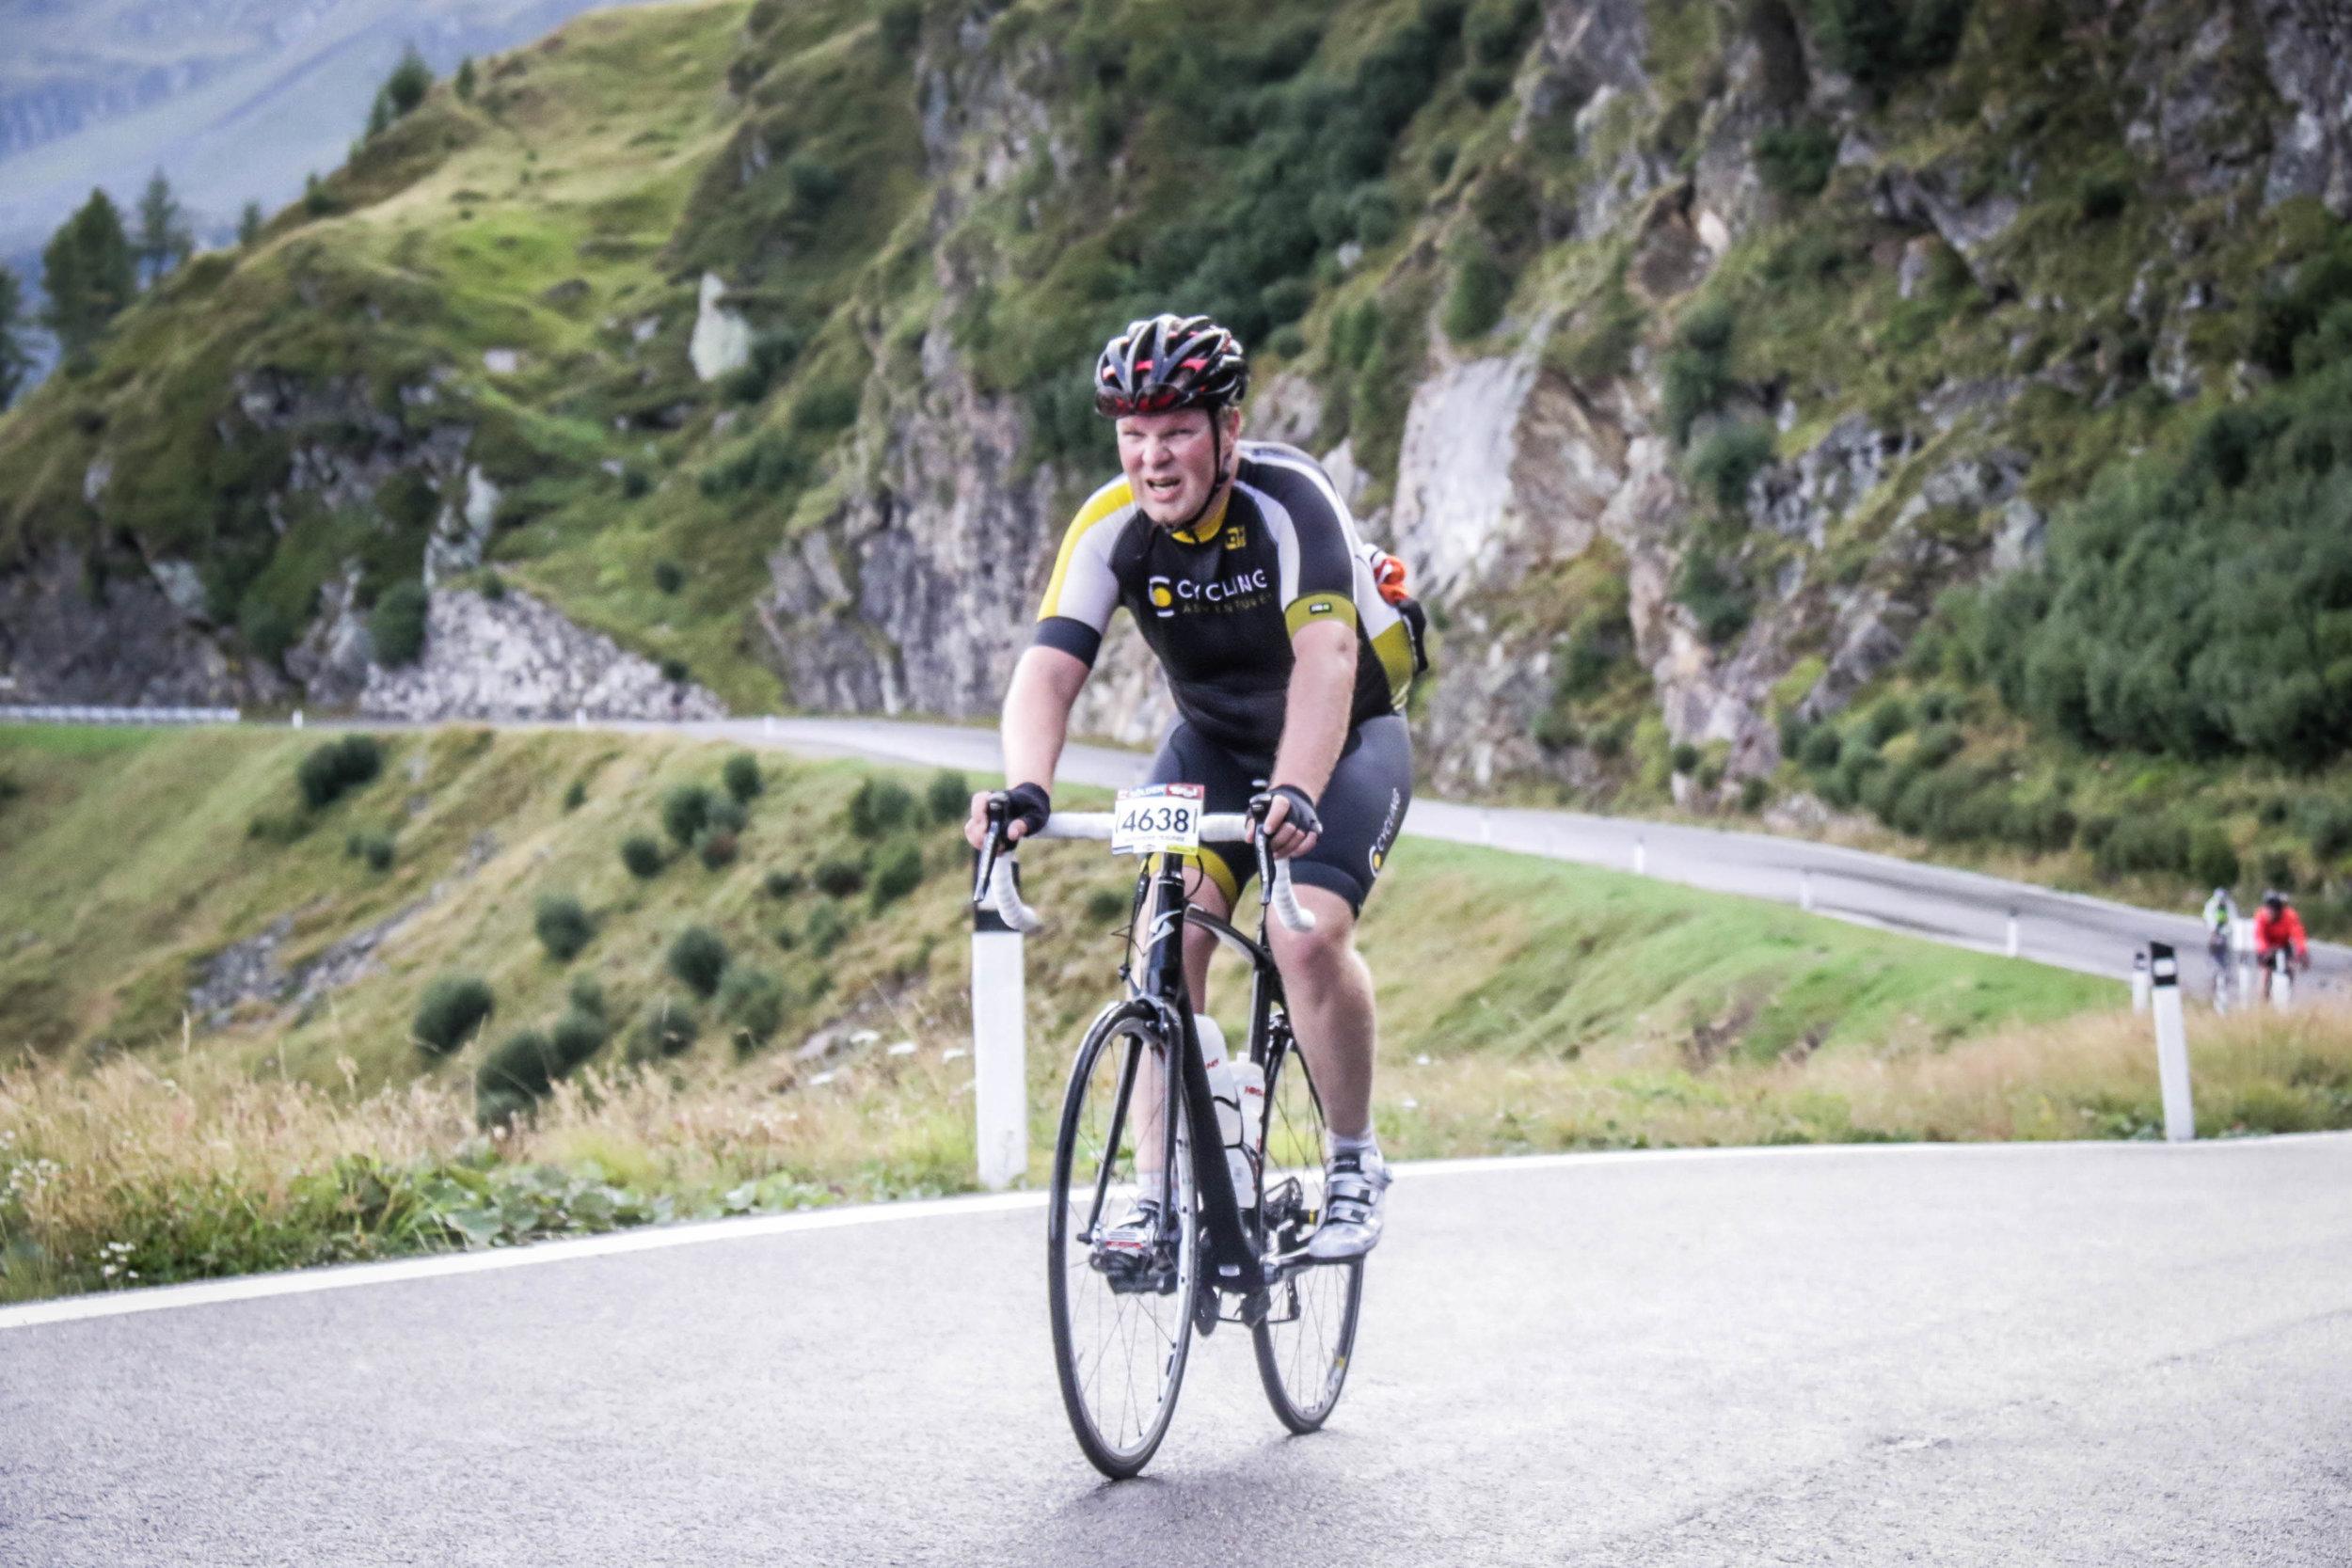 Für Xandi geht es beim Radfahren um den Spaß an der Freude - dazu gehört auch das Leiden.